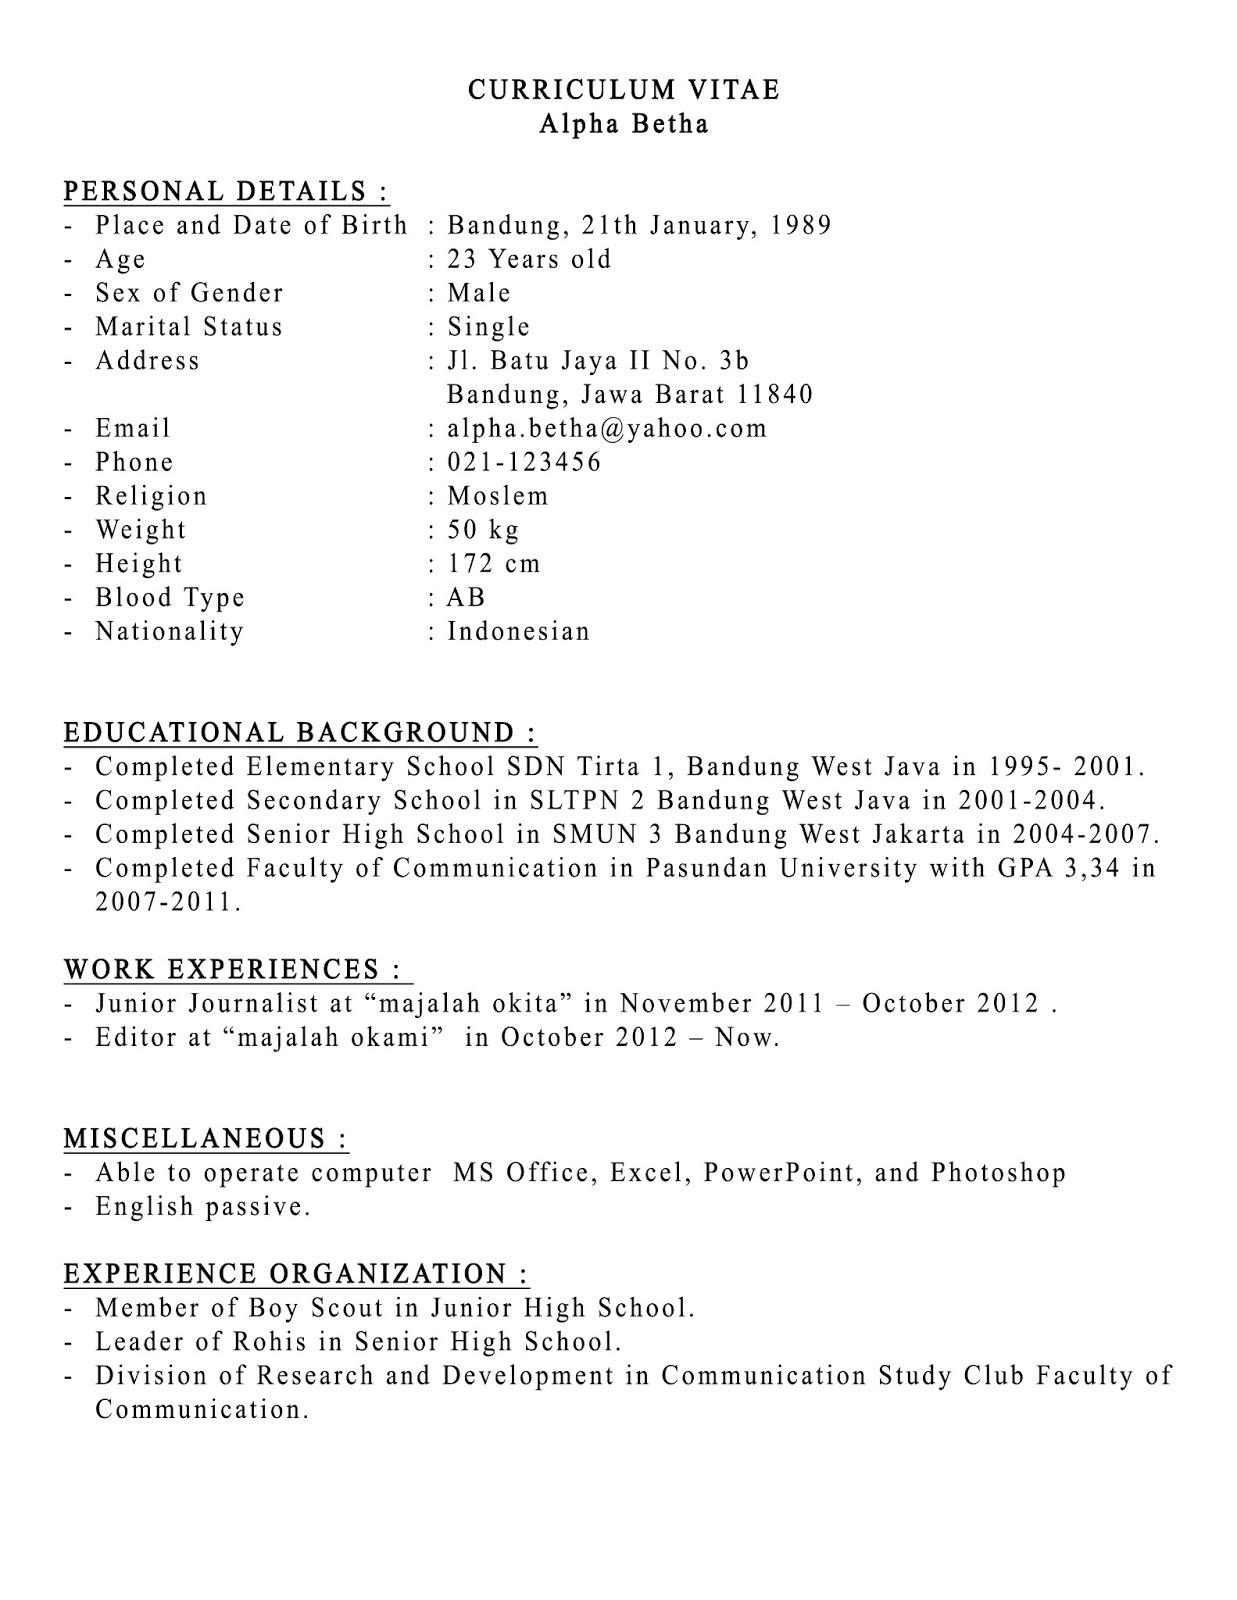 Contoh cv dalam bahasa inggris pdf